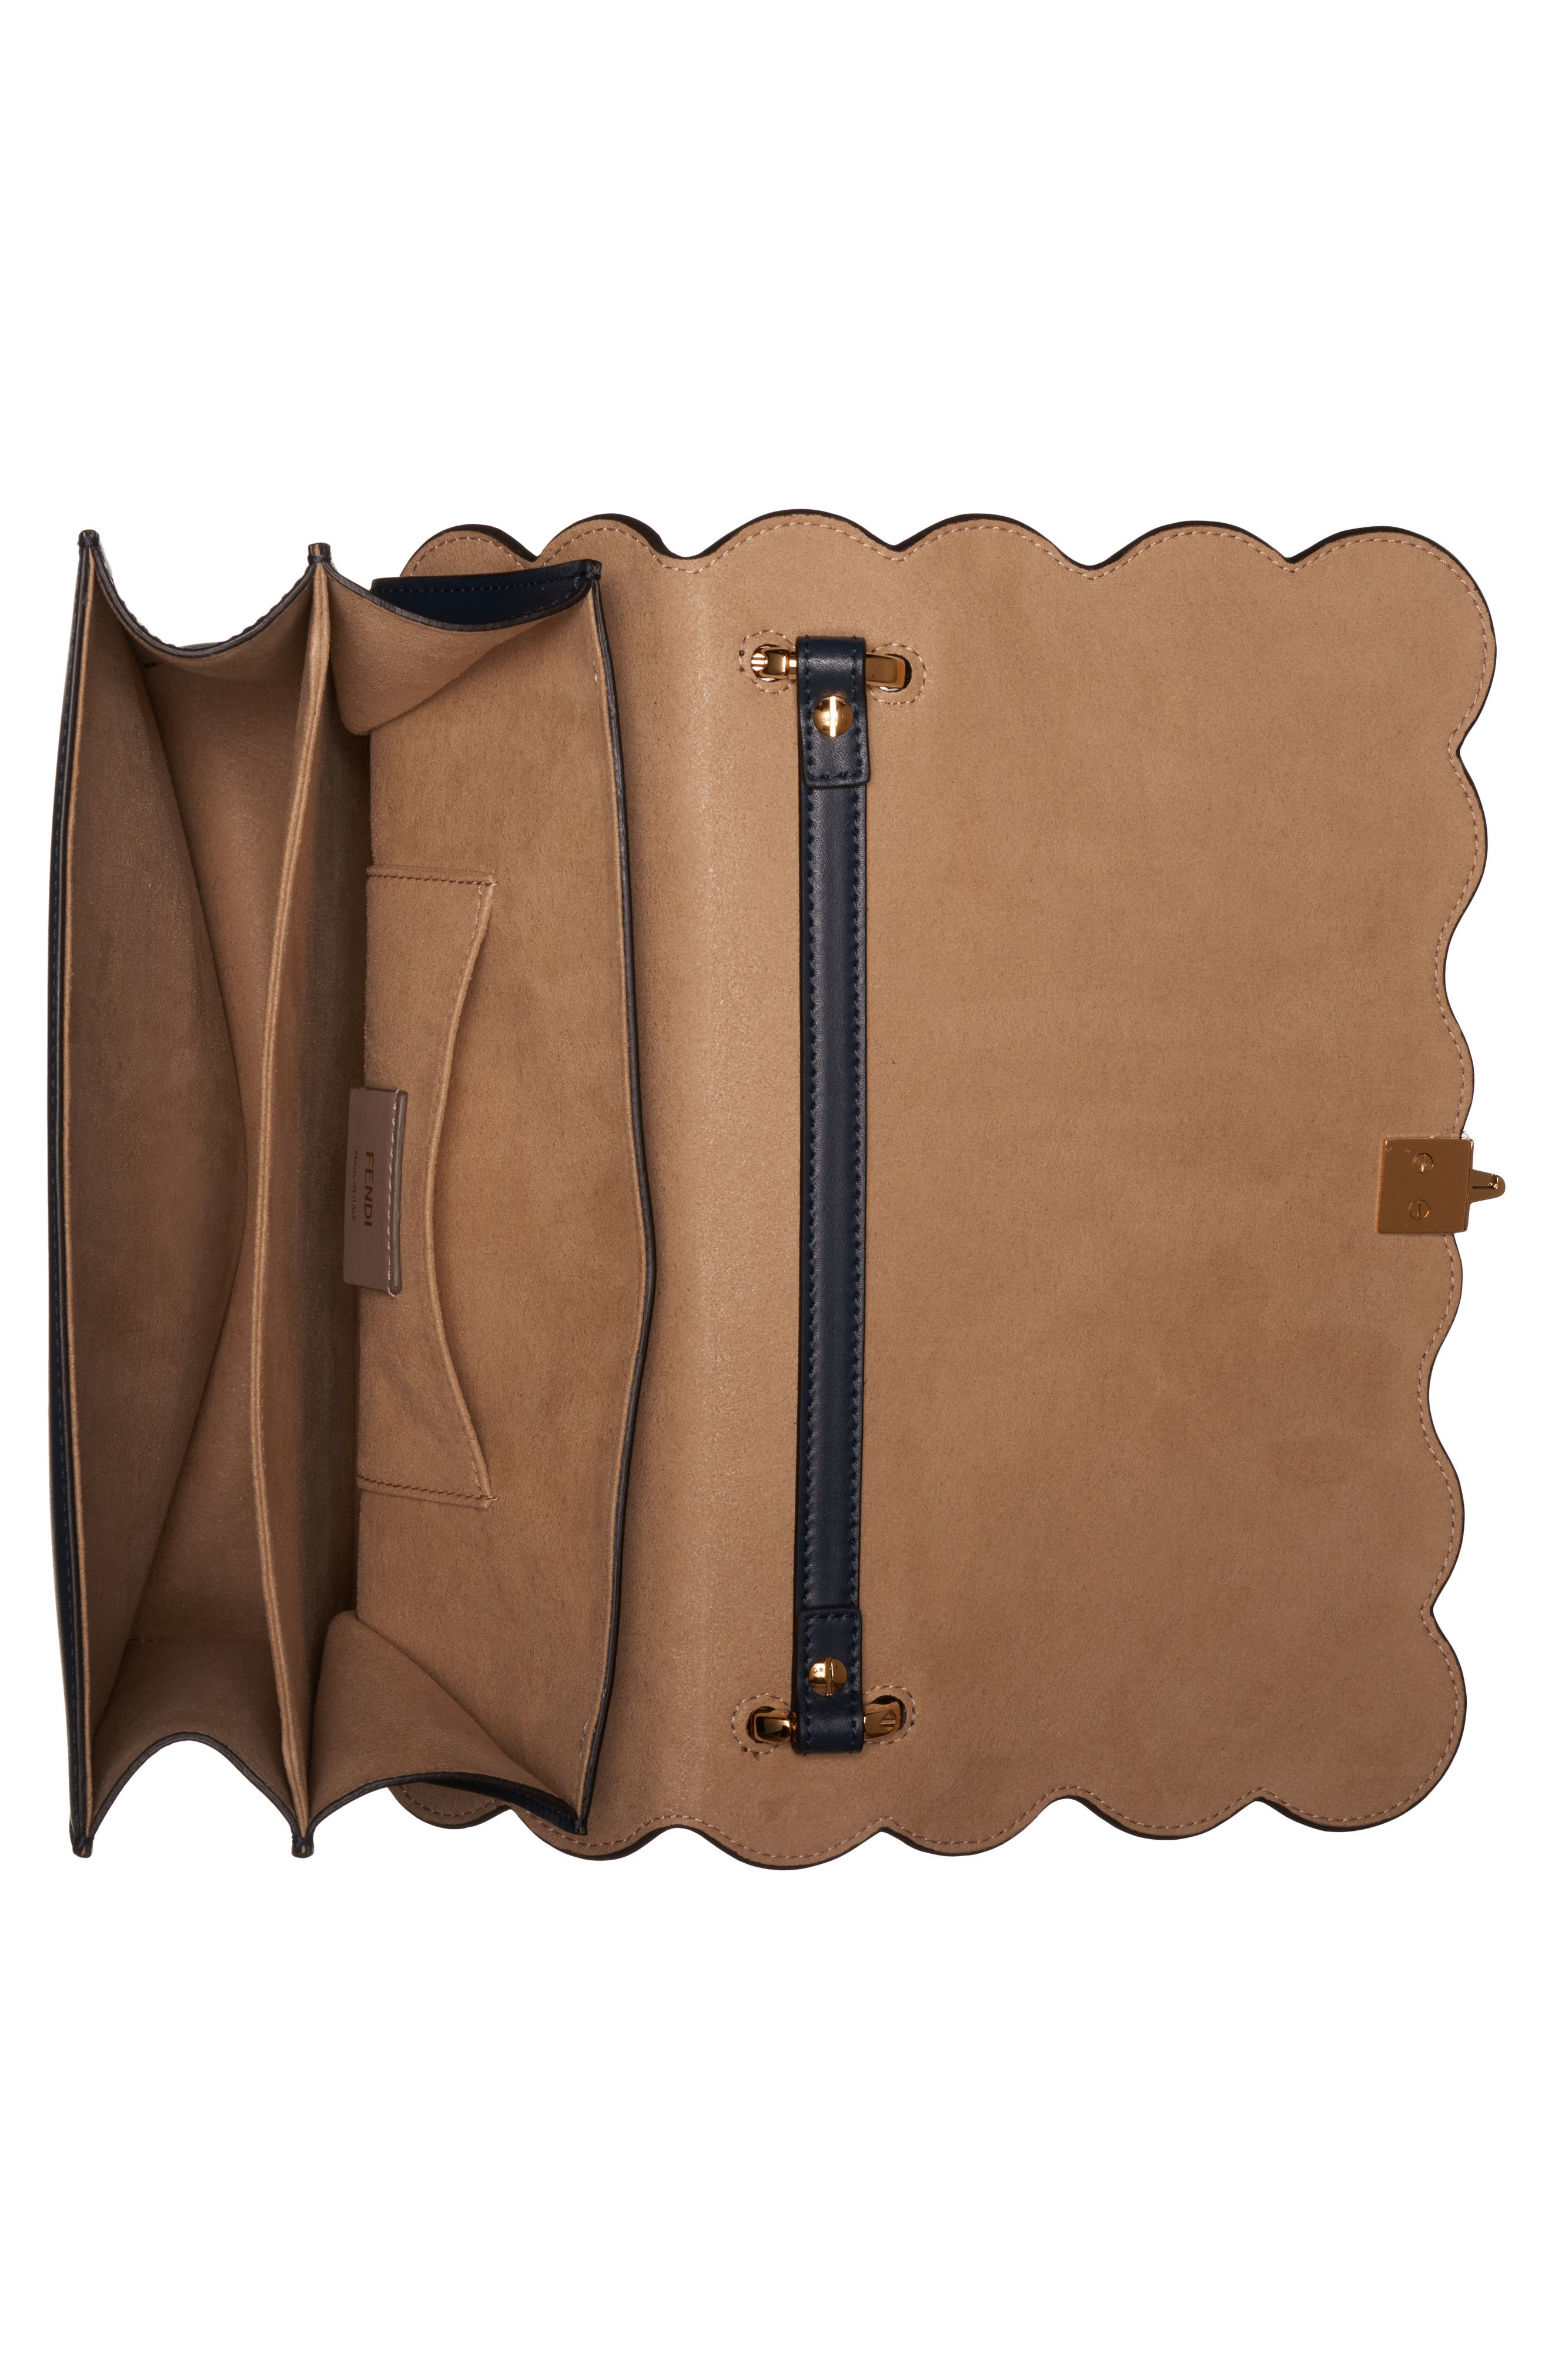 FENDI,                             Kan I Liberty Flower Leather Shoulder Bag,                             Alternate thumbnail 4, color,                             NOTTURNO